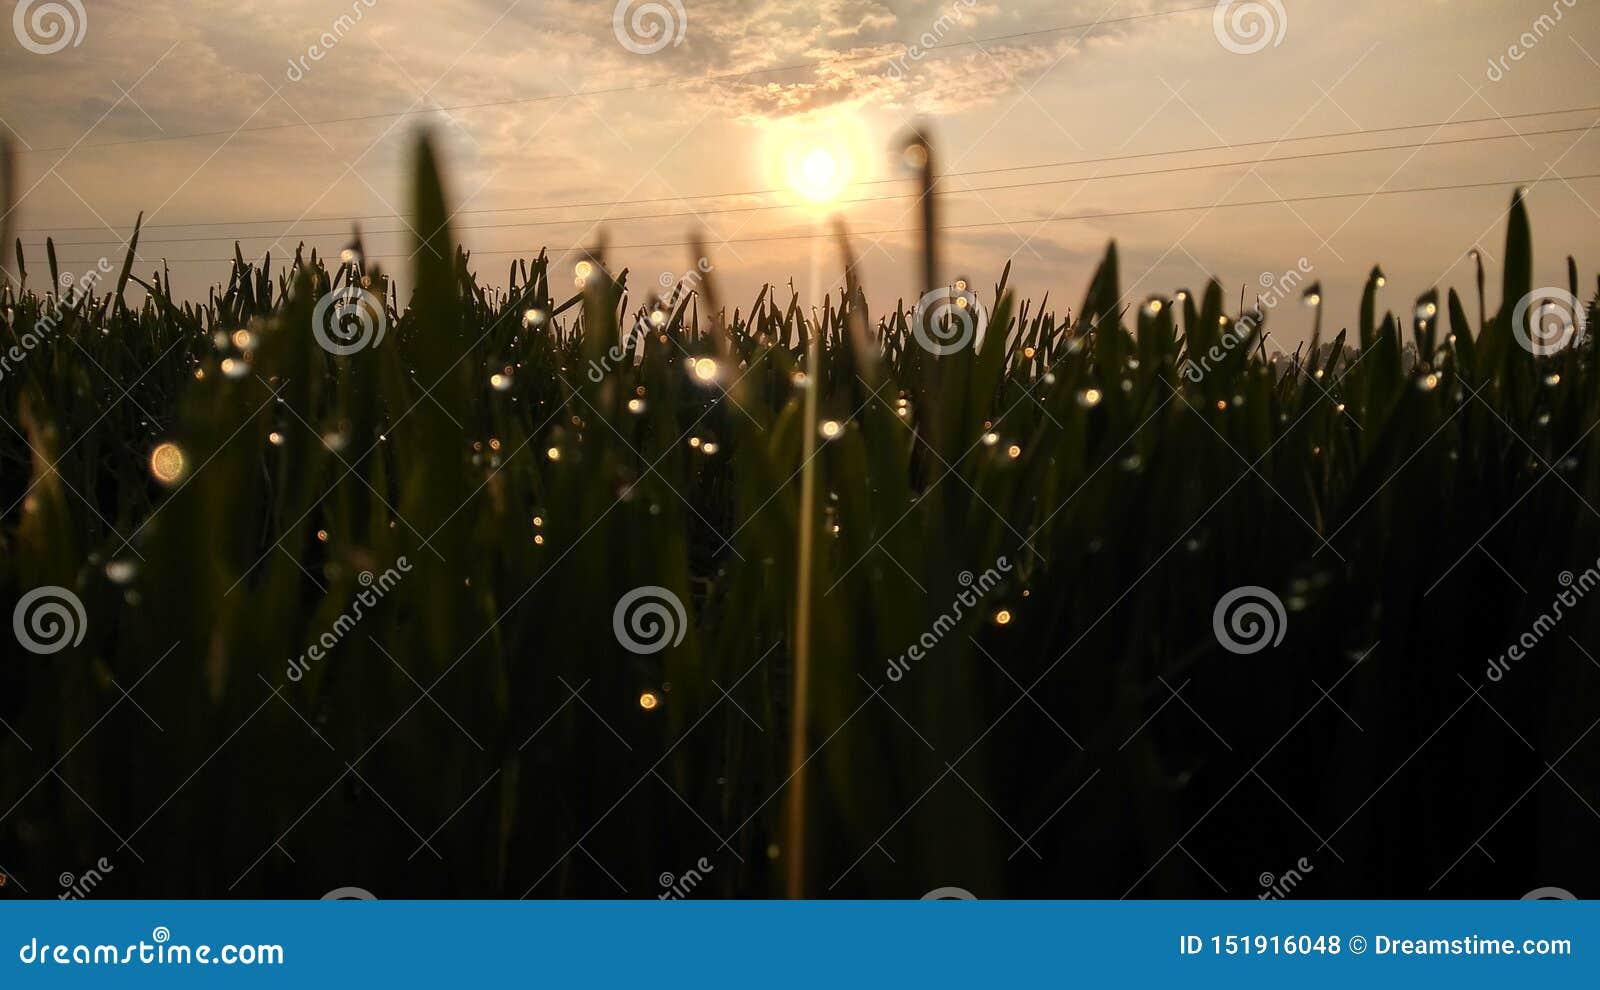 Hierba verde de los ambientes de Natuars con rocío y el cultivo del descenso del agua de mañana de la puesta del sol de la salida